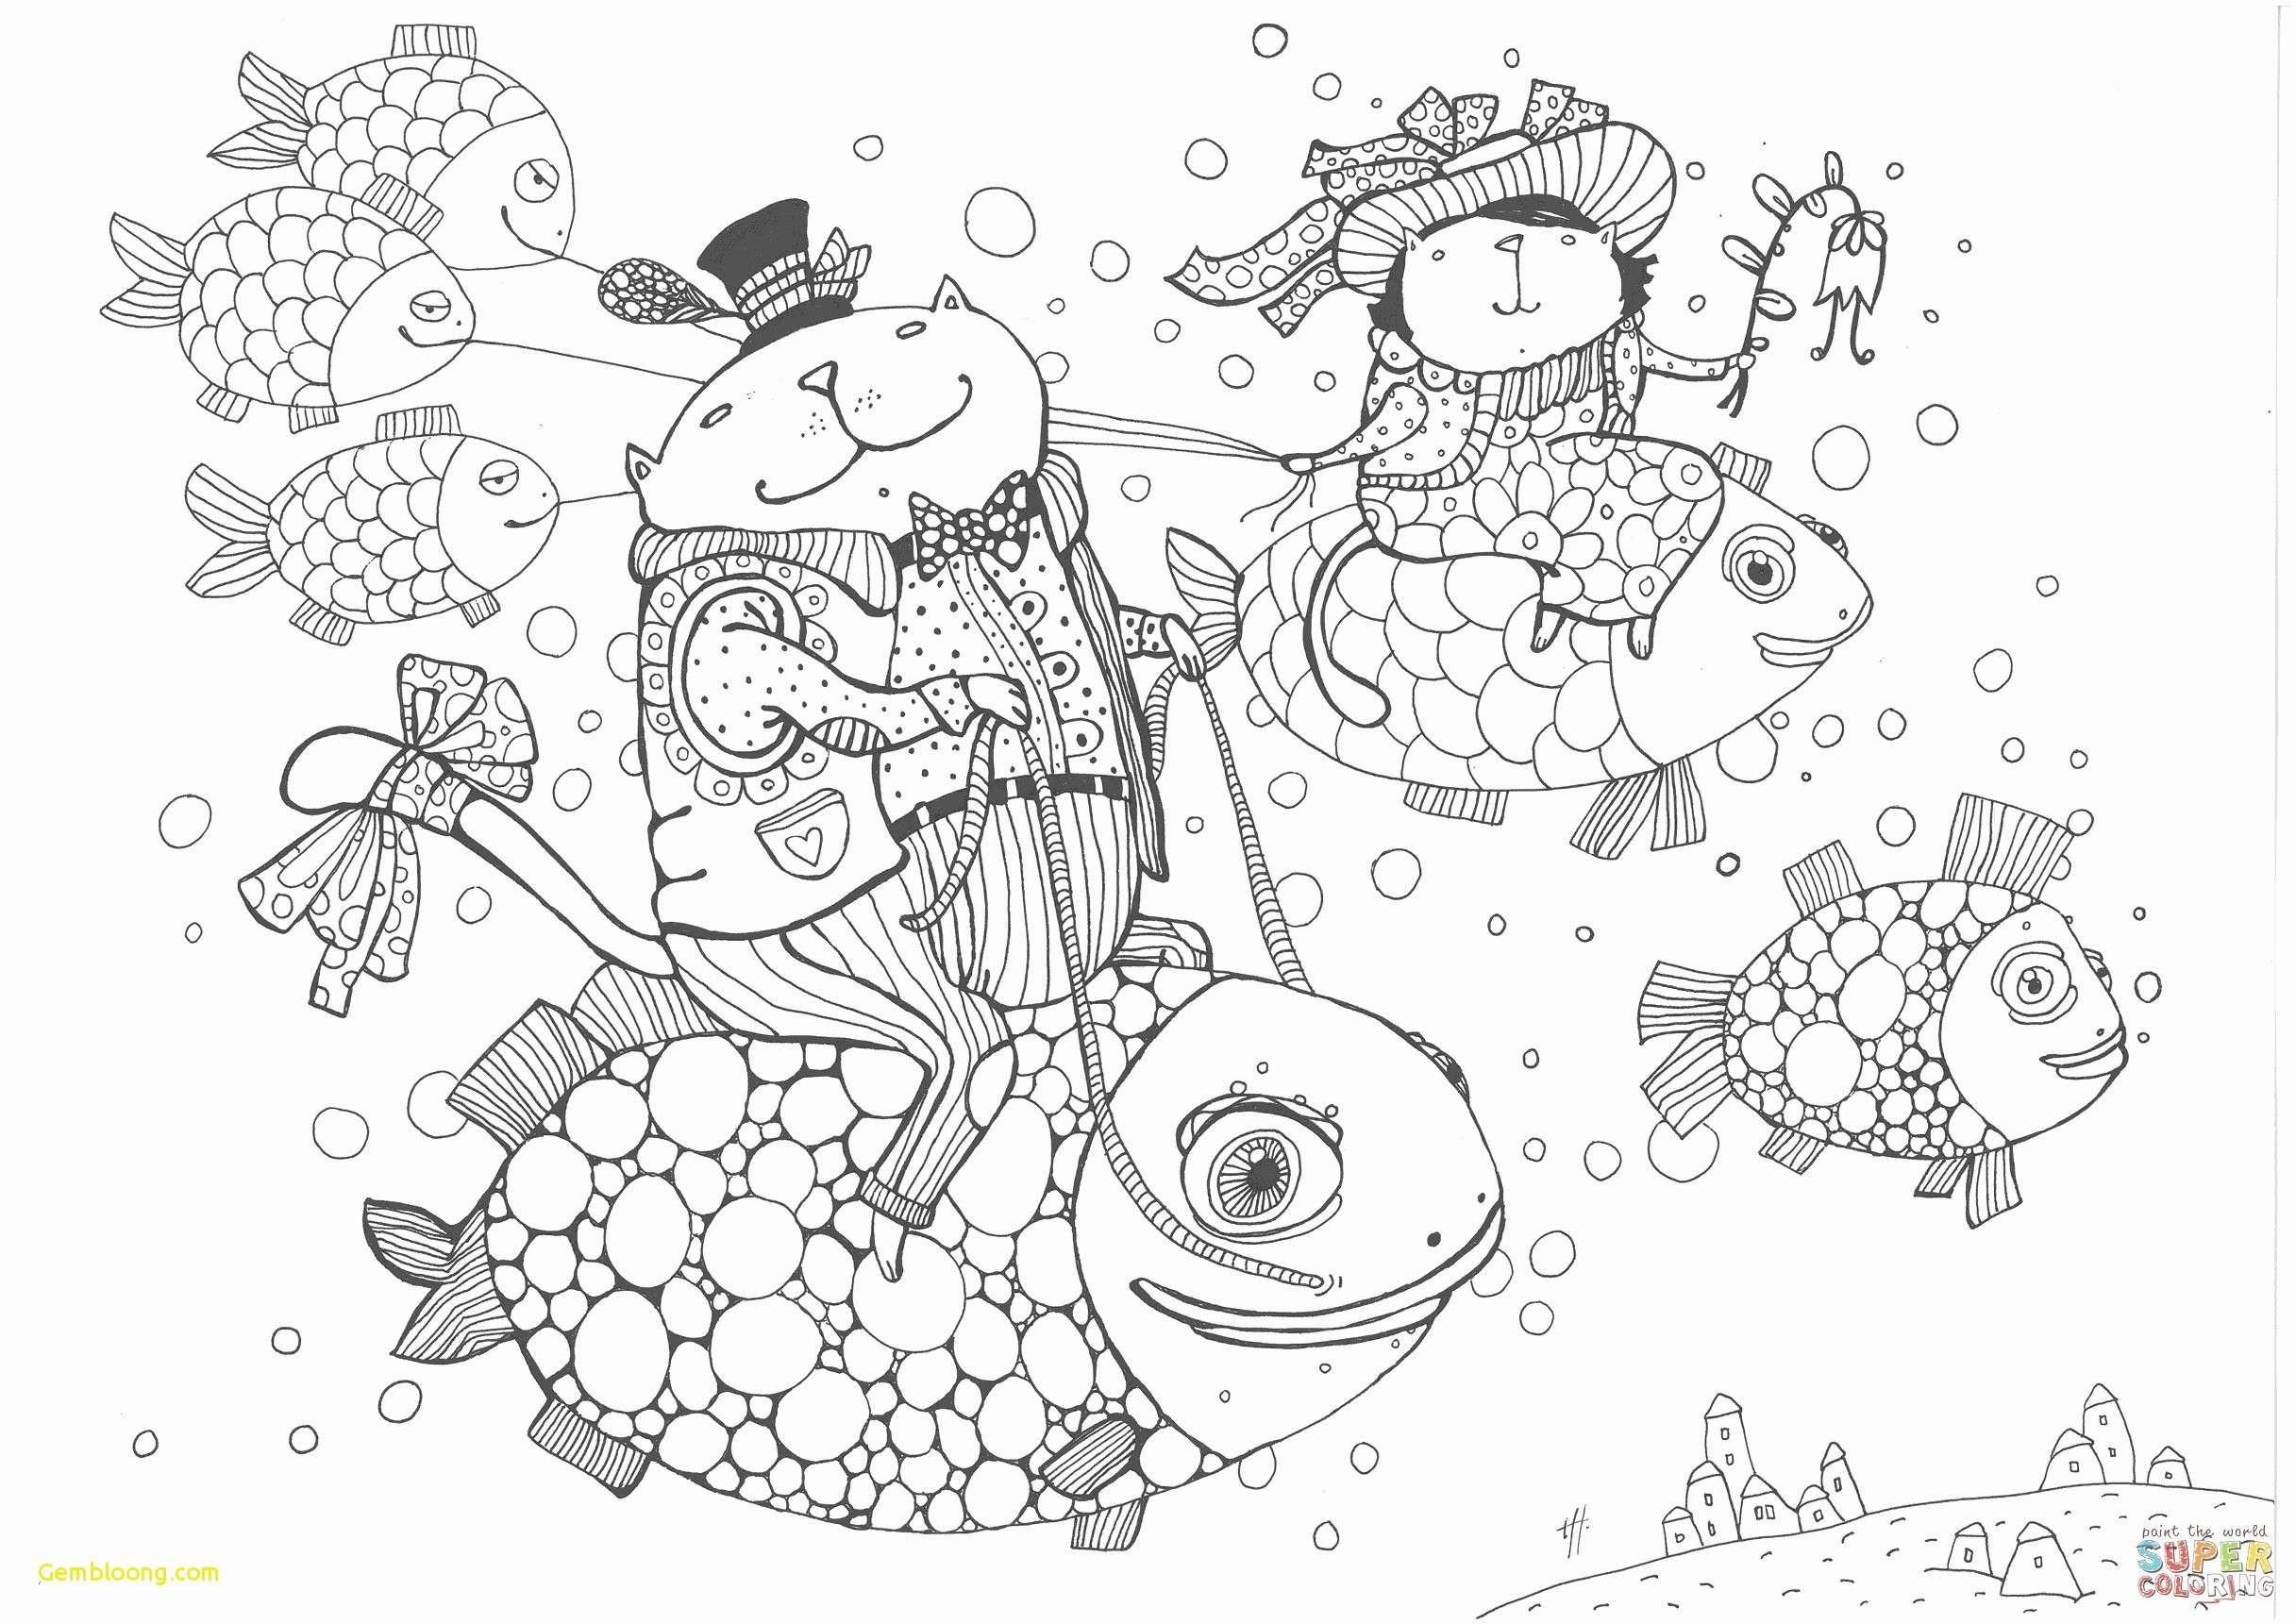 Ausmalbild Winnie Pooh Frisch Ausmalbilder Mario Kart 8 Uploadertalk Schön Winnie Pooh Malvorlagen Sammlung